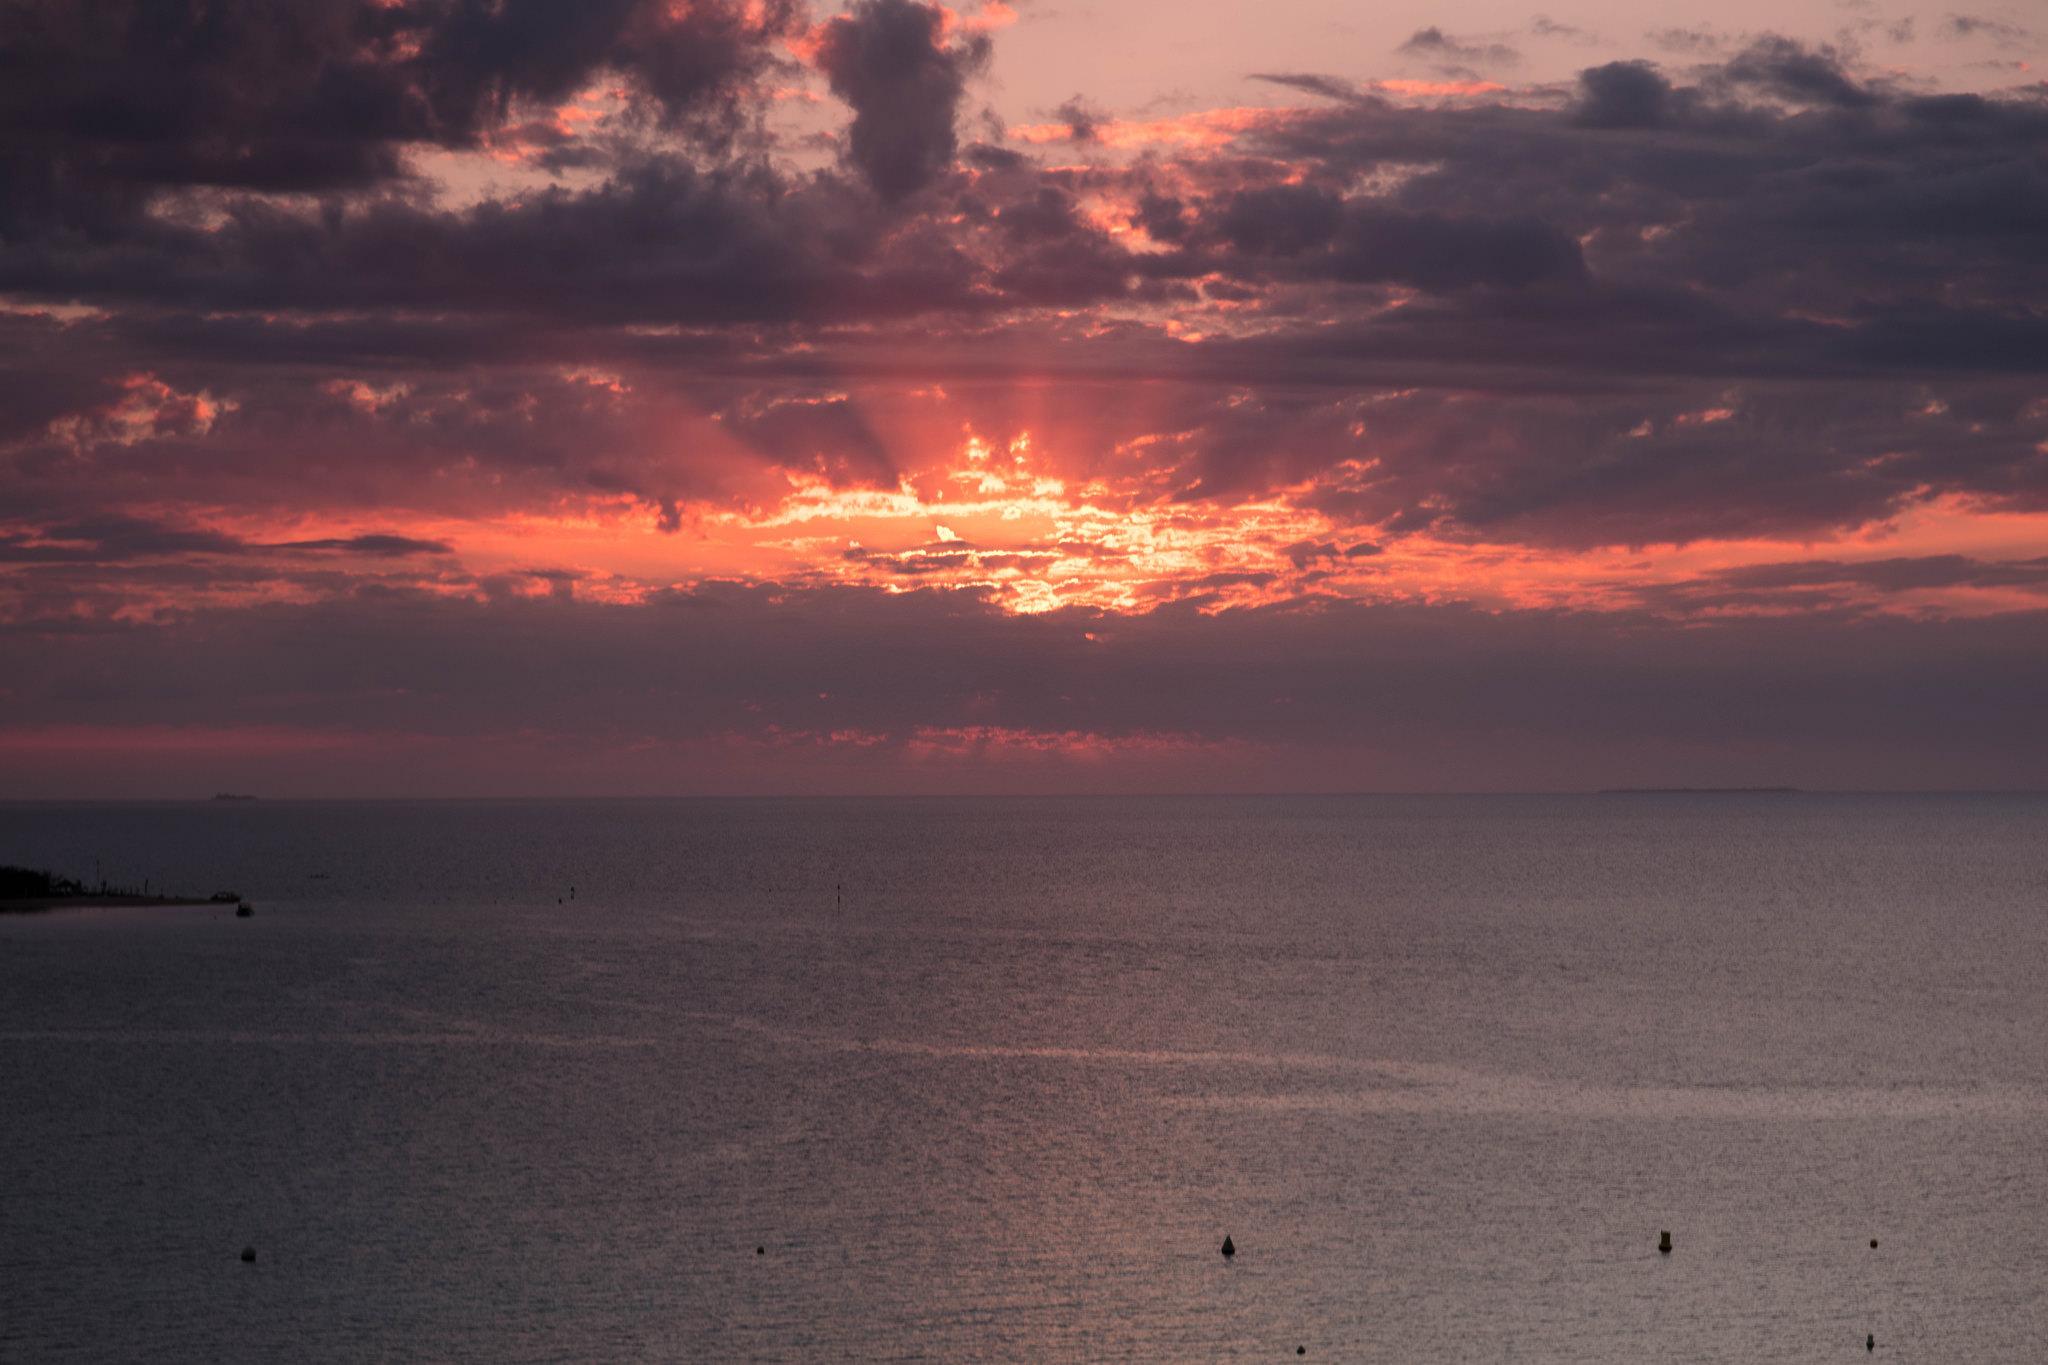 Image 4, Noumea Sunset